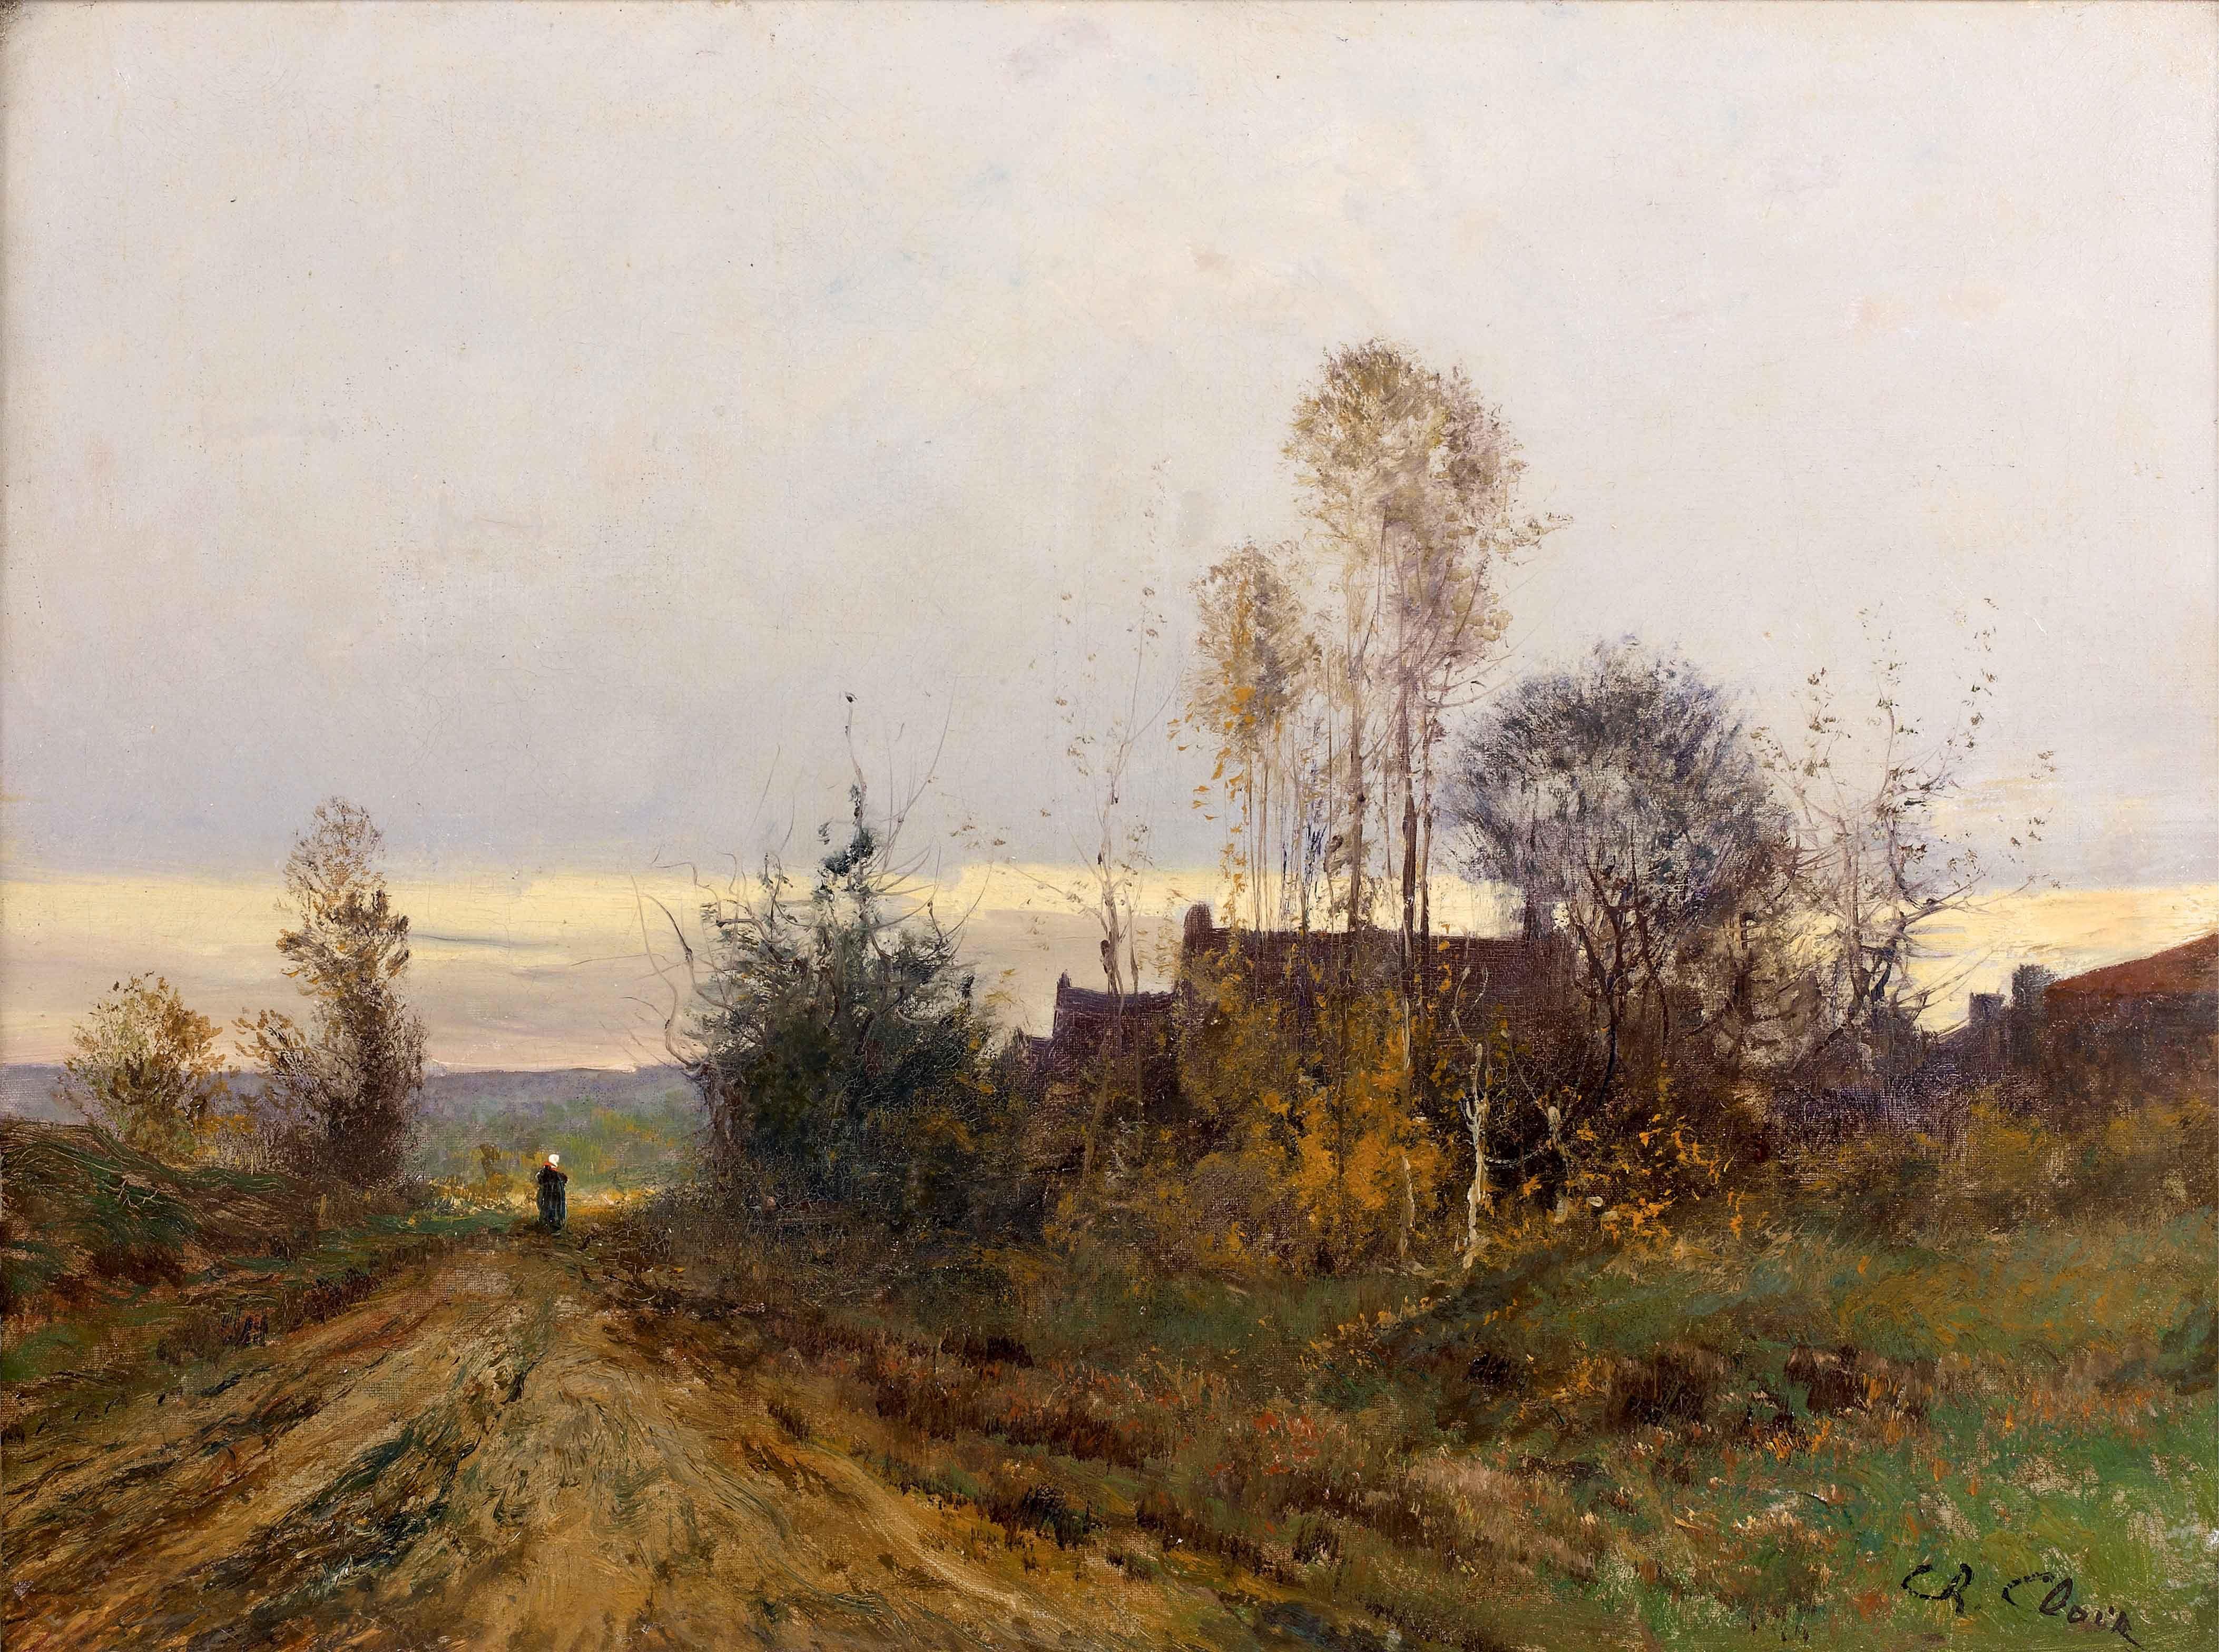 francois francais paintings - Google Search | Francois Francais ...